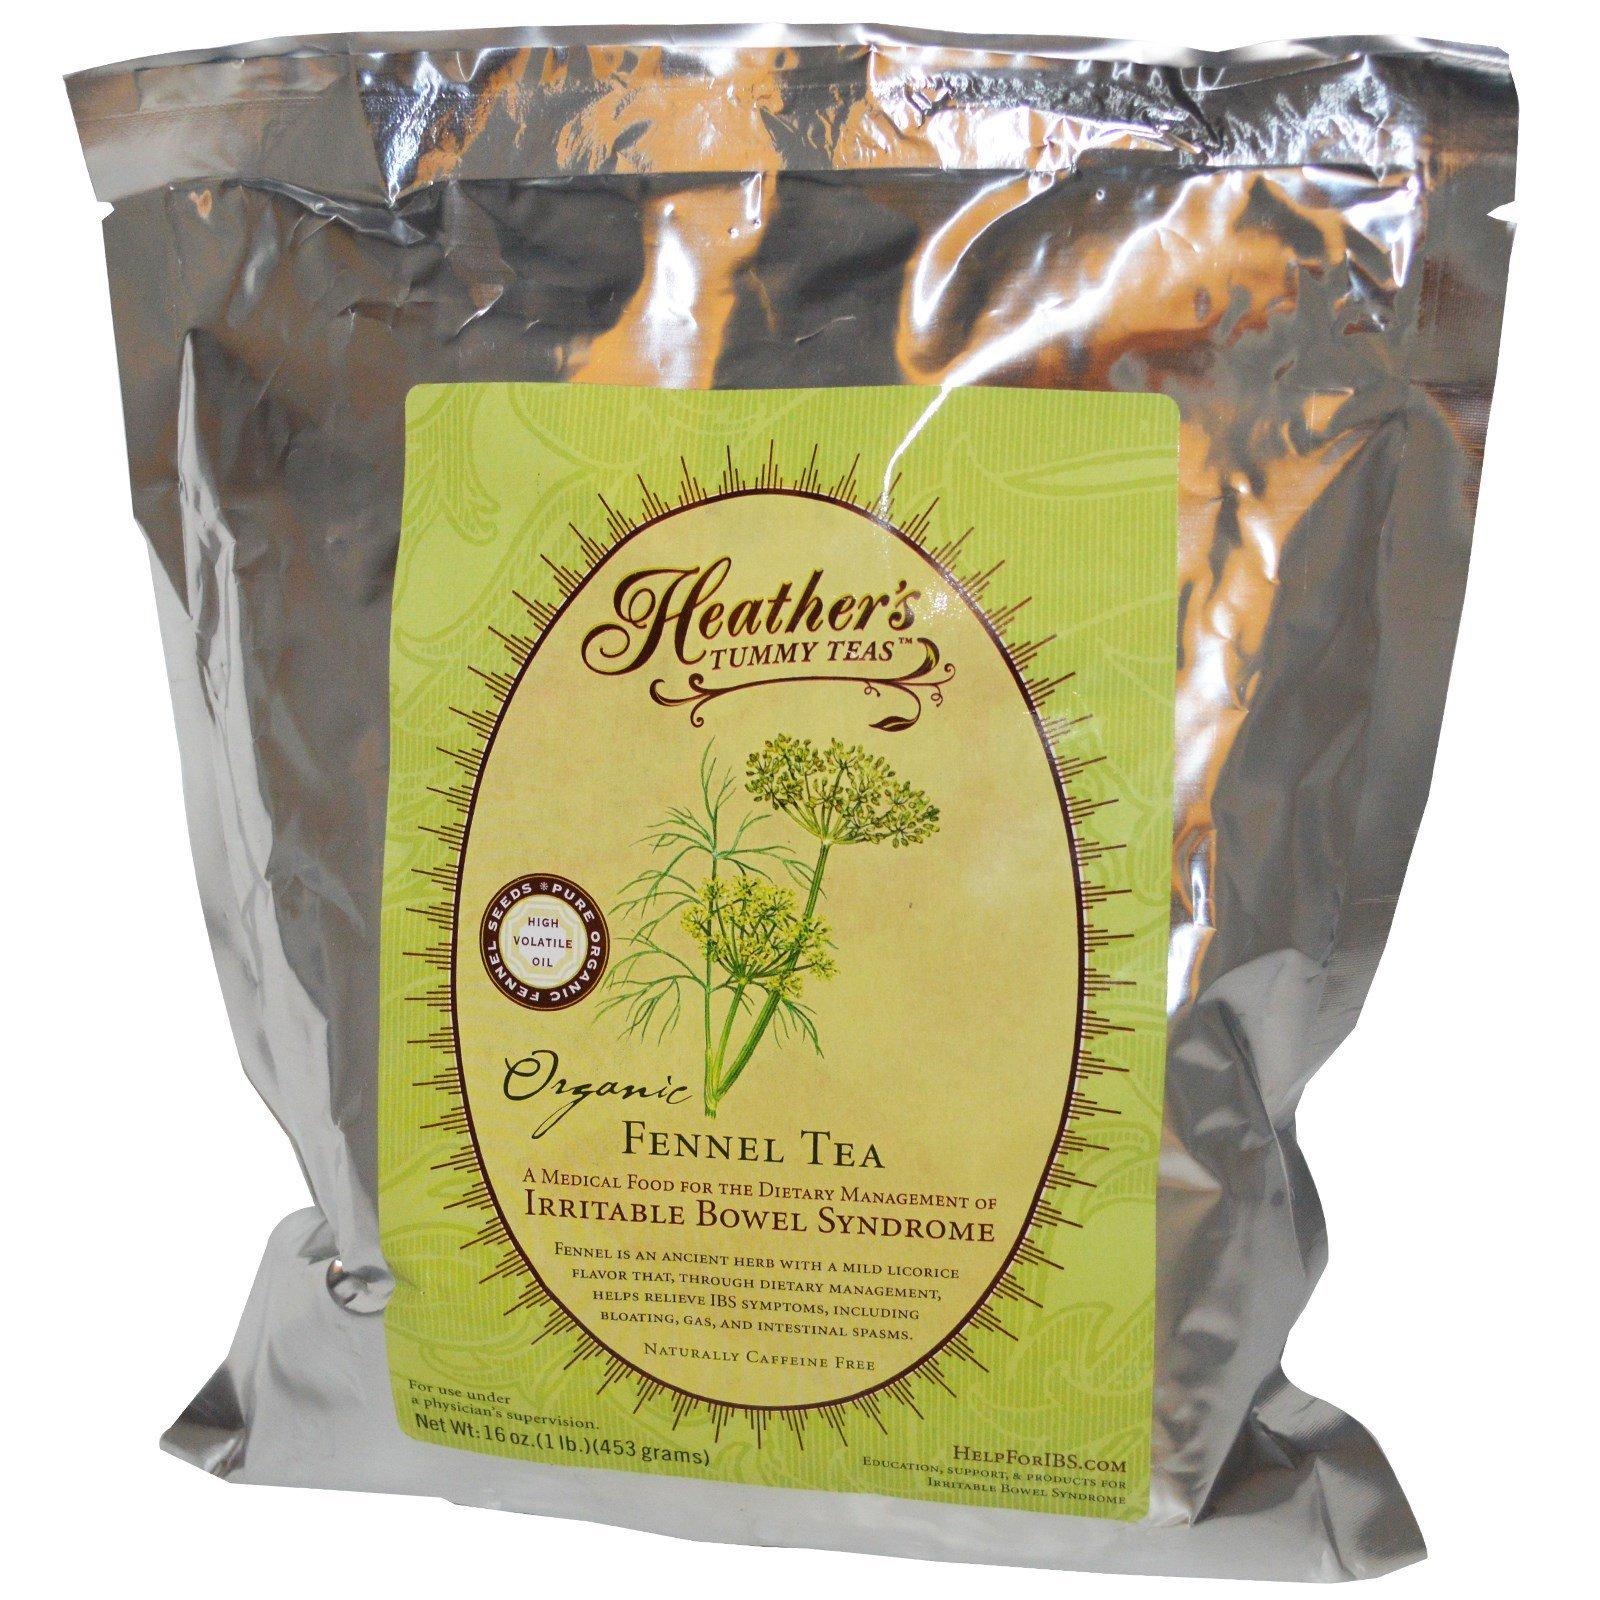 Heather's Tummy Care, Tummy Teas, органический фенхелевый чай без кофеина, 453 г